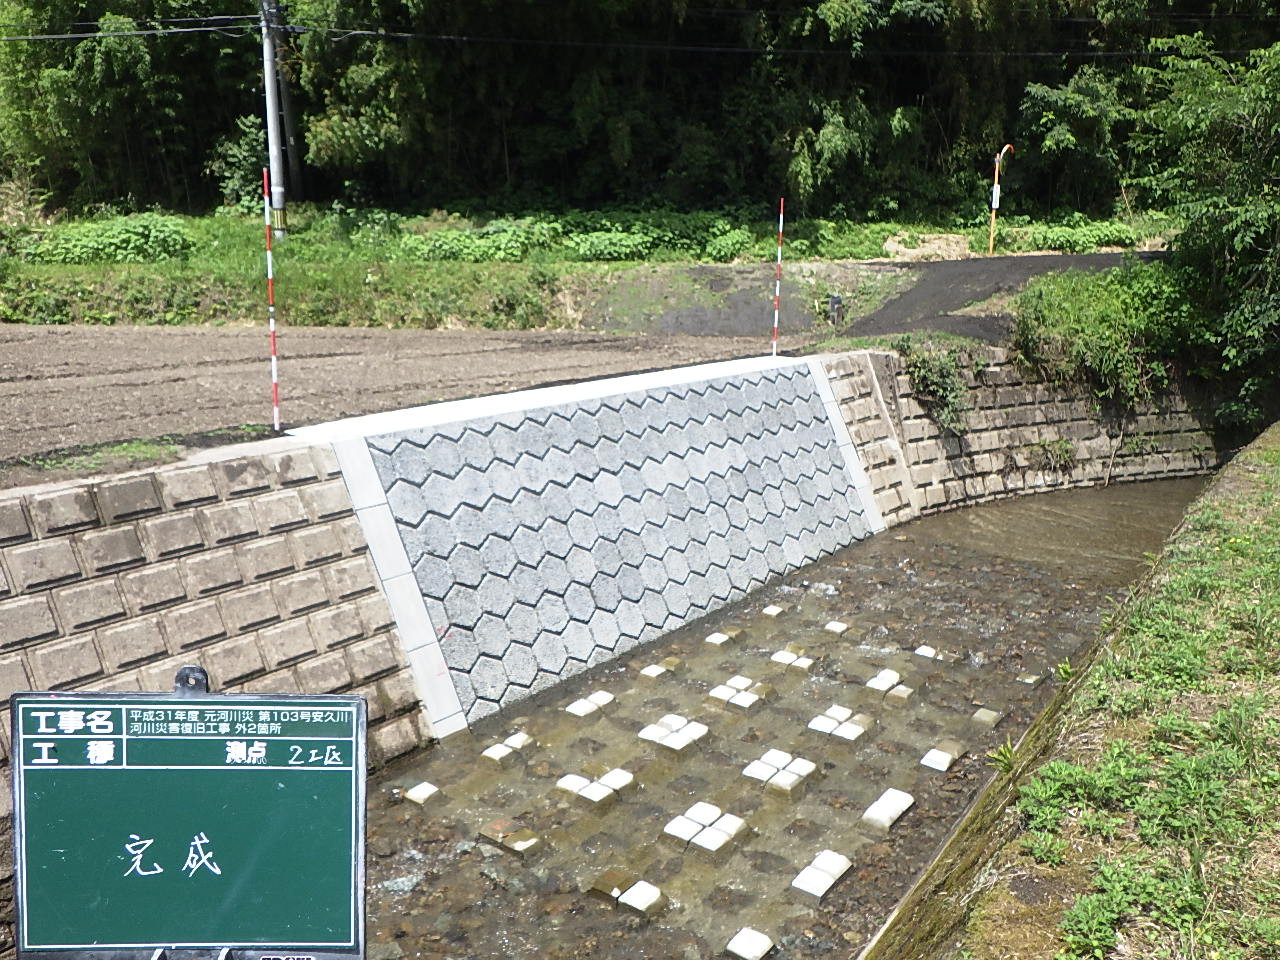 安久川 河川災害復旧工事外2箇所(第110号)